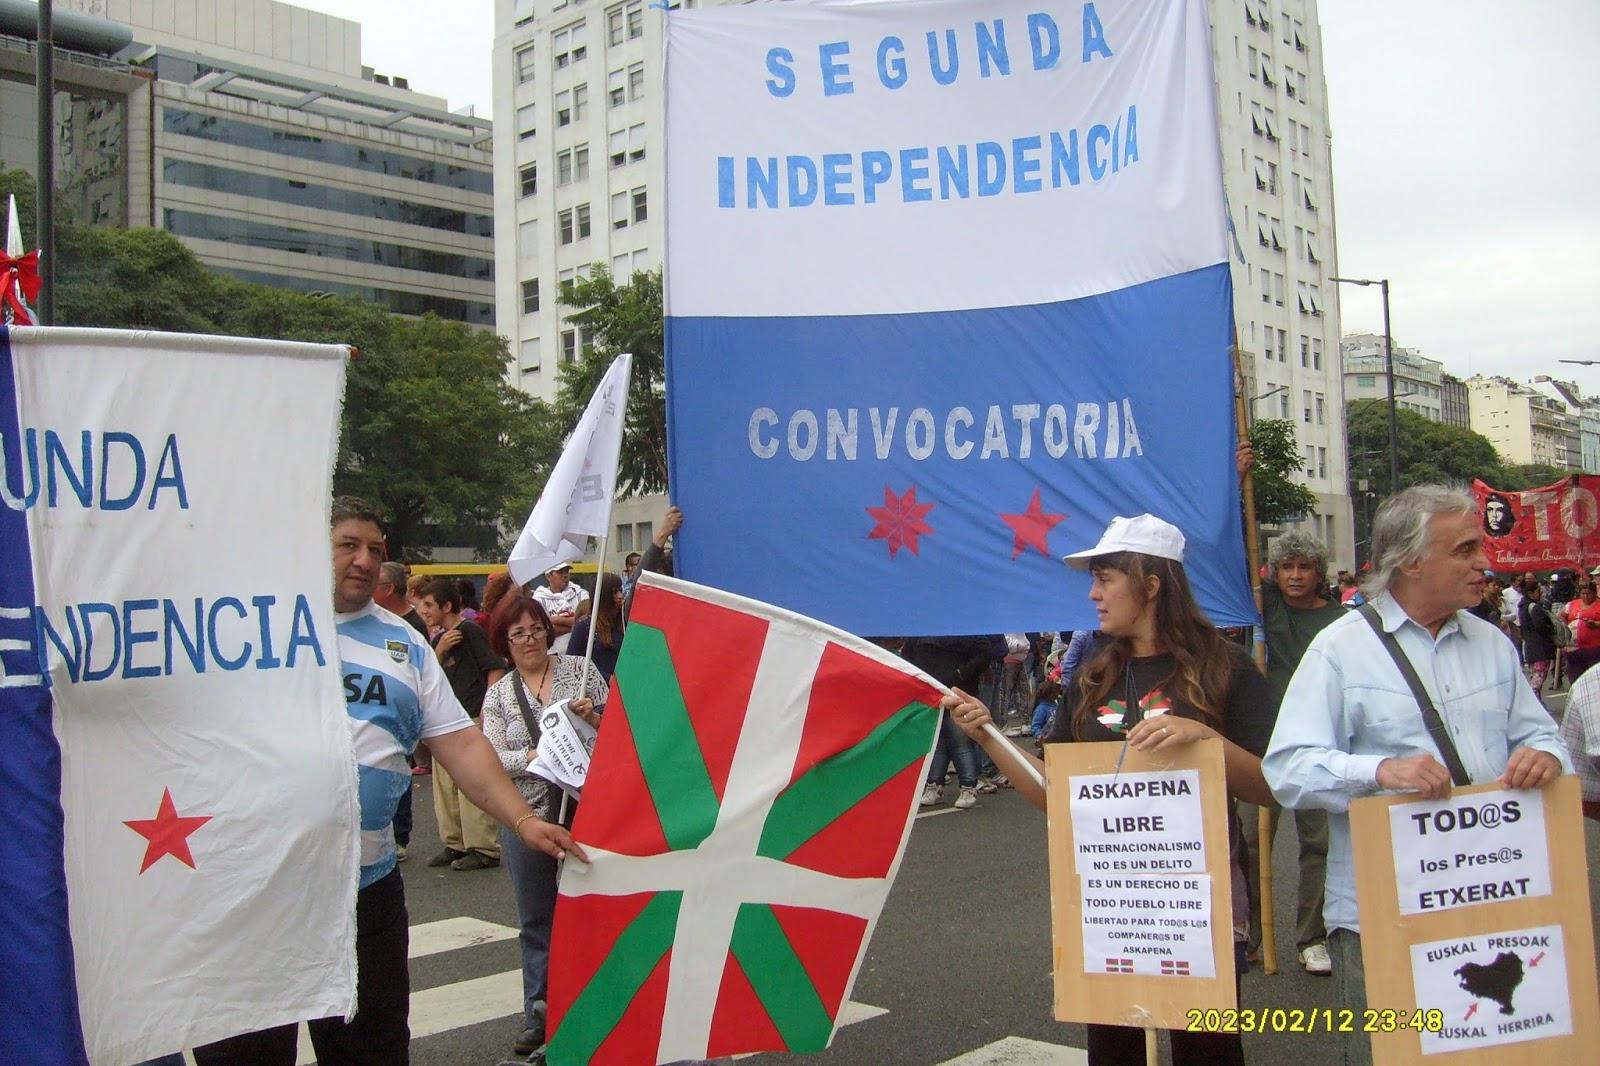 segunda independencia2